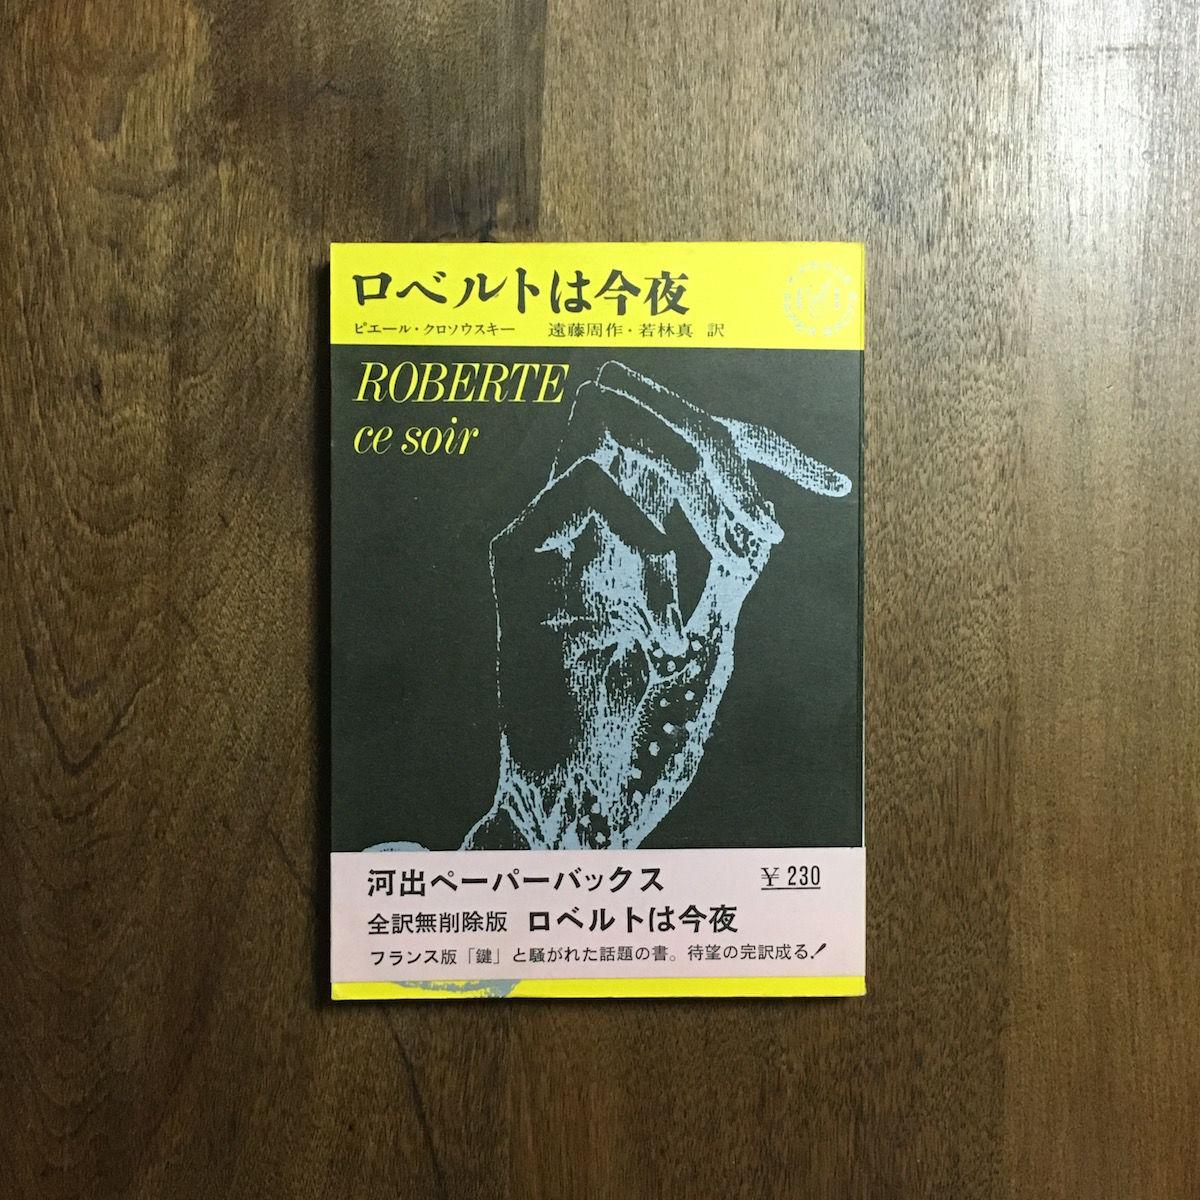 「ロベルトは今夜」ピエール・クロソウスキー 遠藤周作・若林真 訳